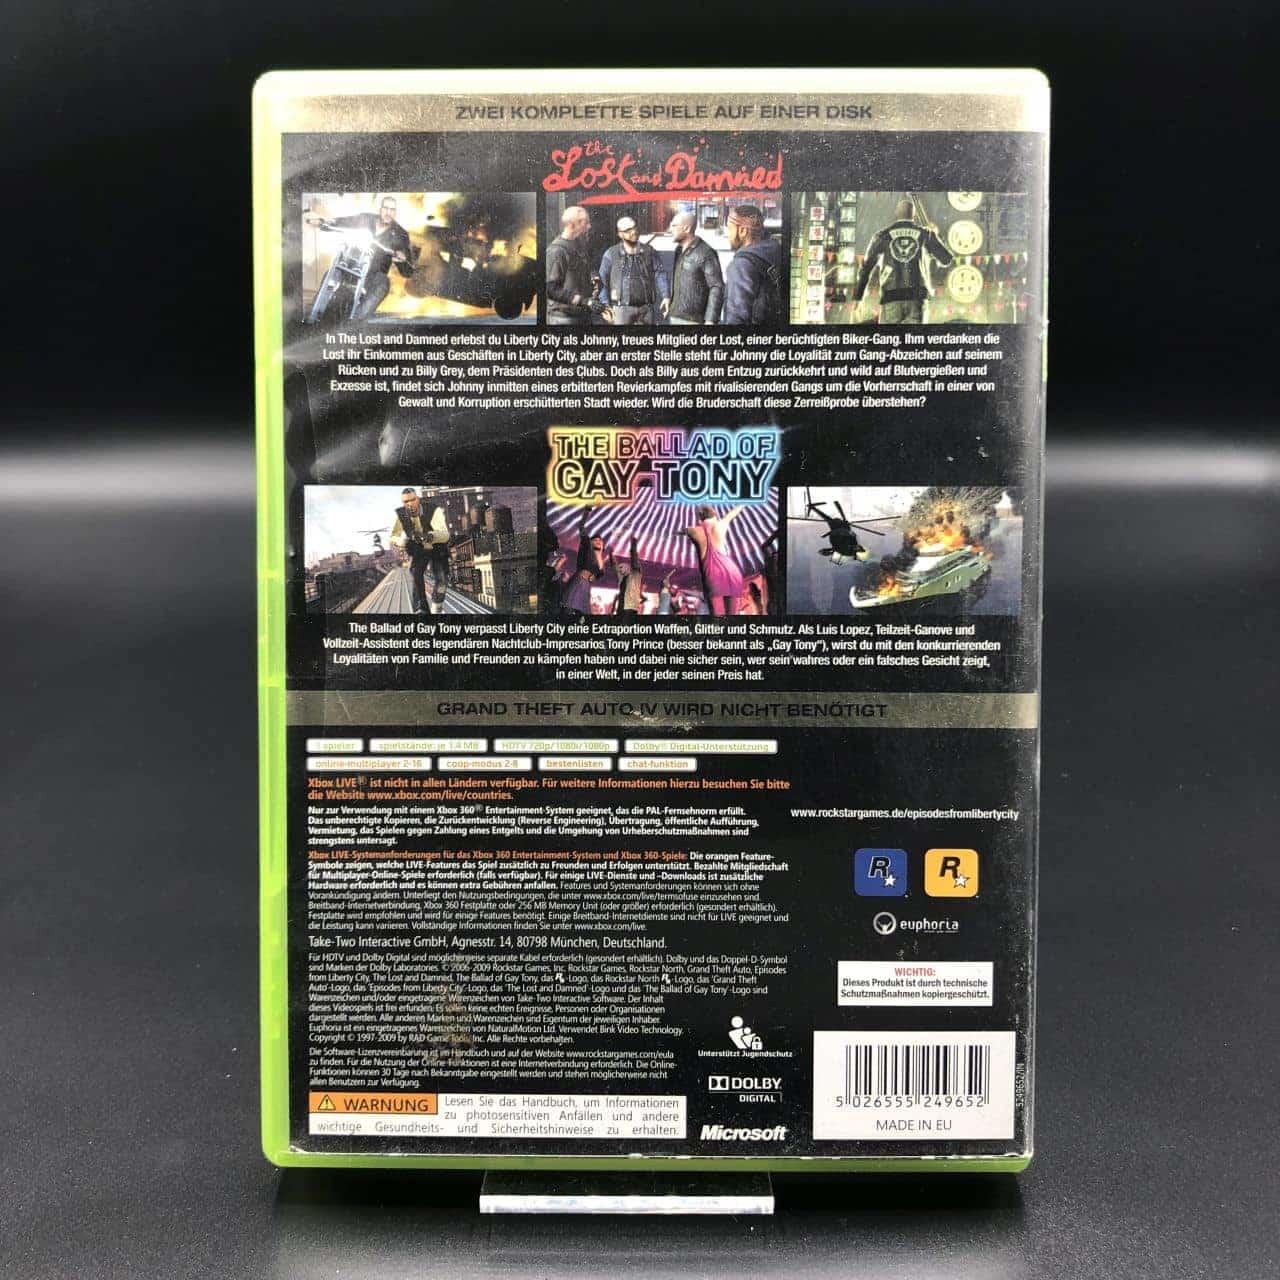 Grand Theft Auto: Episodes from Liberty City (Komplett) (Gebrauchsspuren) XBOX 360 (FSK18)